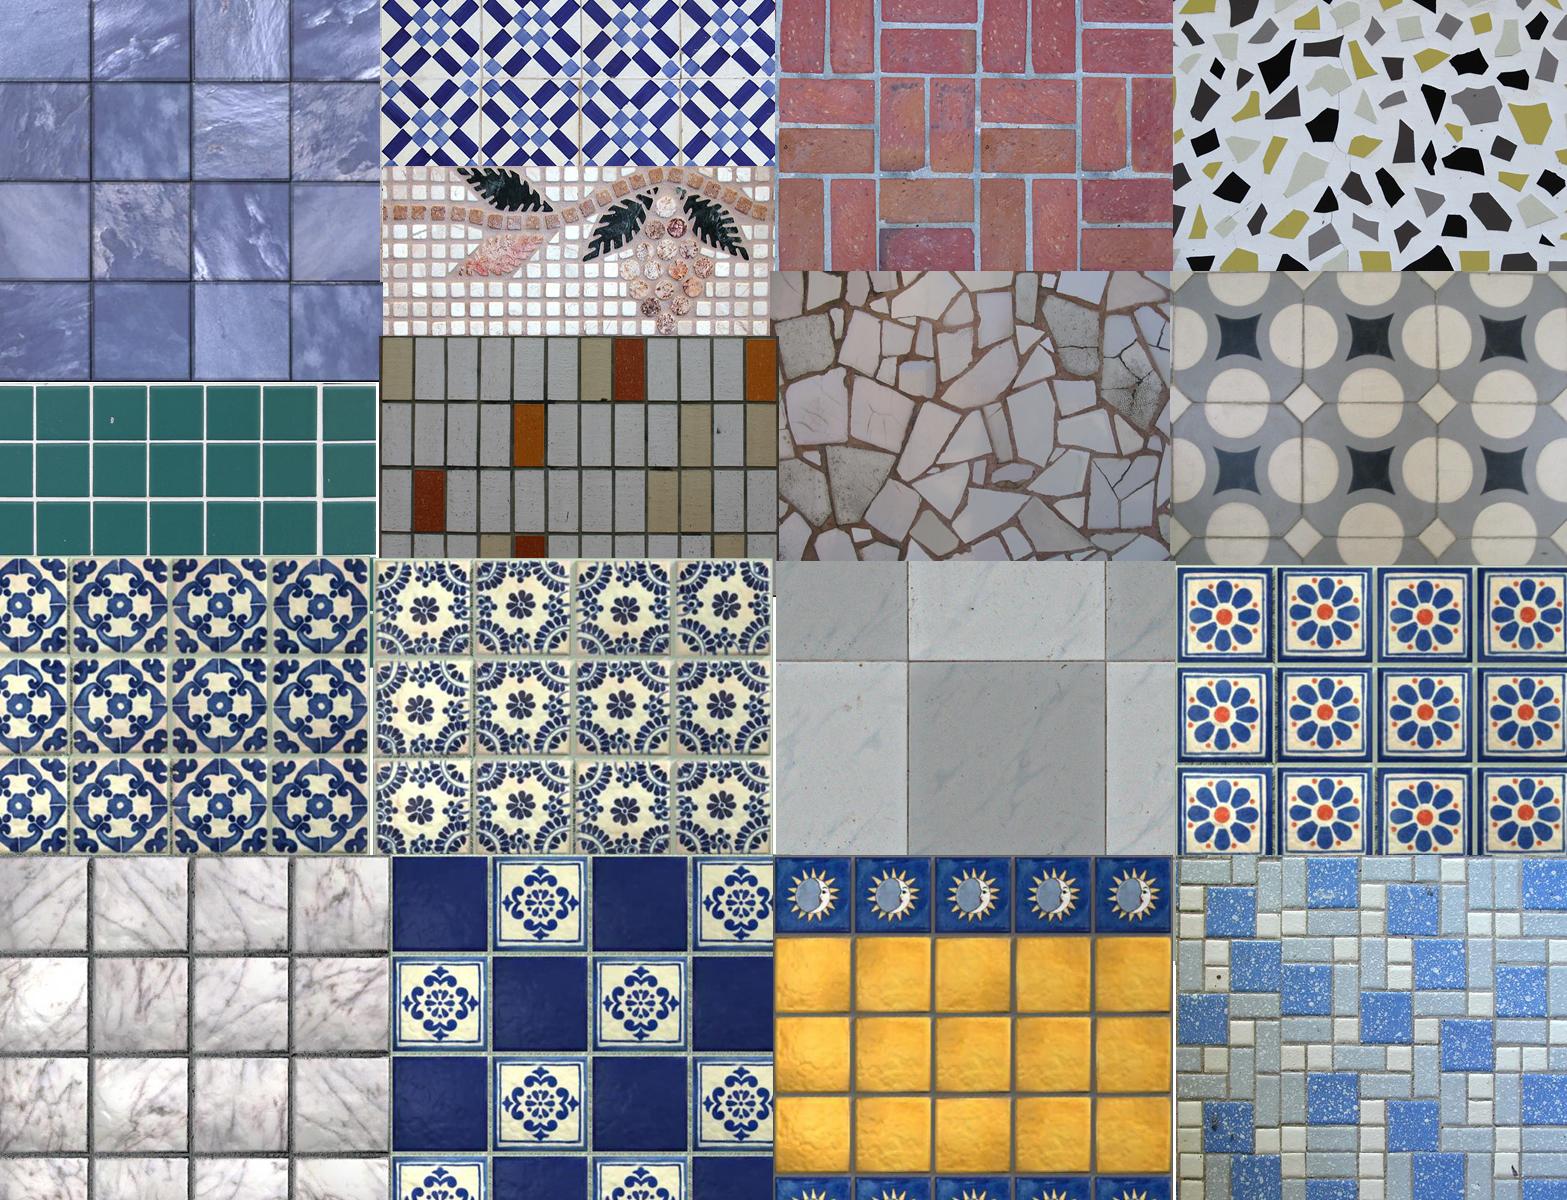 imagen Texturas cerámica, en Pisos cerámicos - Texturas